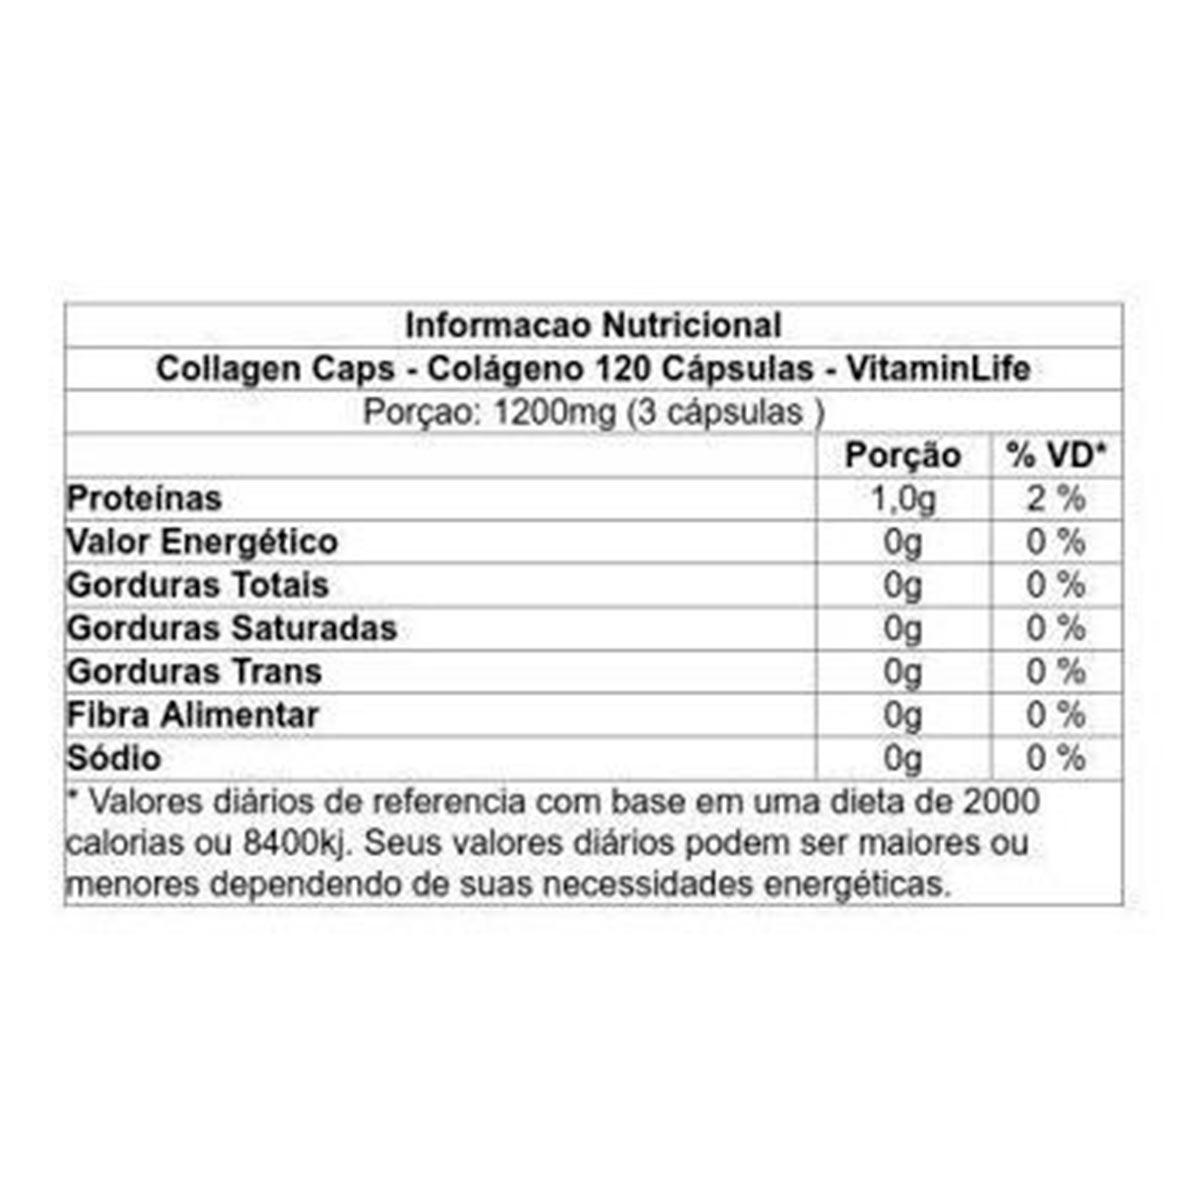 Colágeno 120 Cápsulas Collagen - Vitaminlife